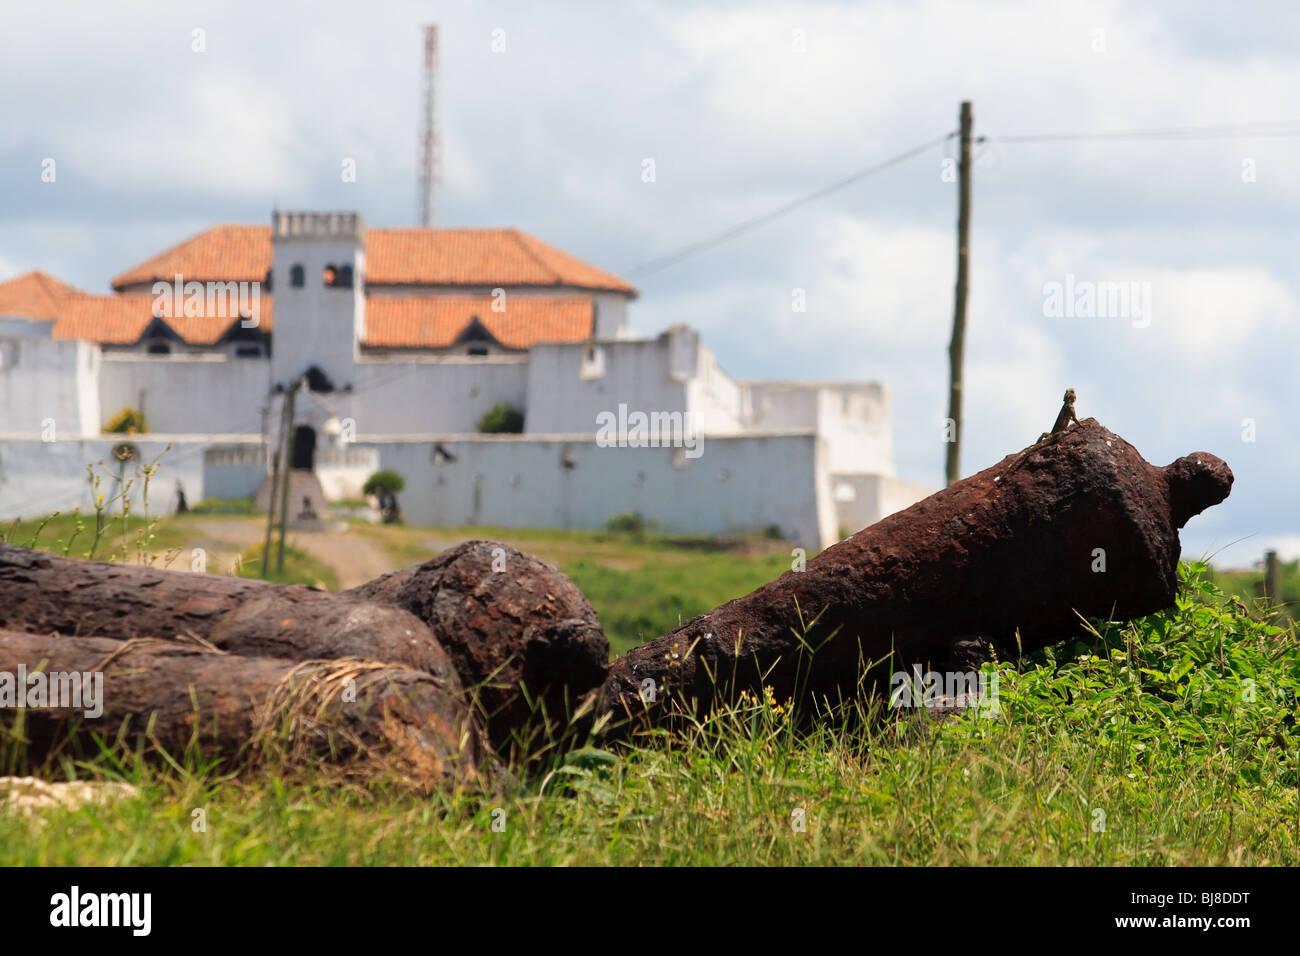 Afrika Elmina Castle Fort Ghana Landschaften Stockbild